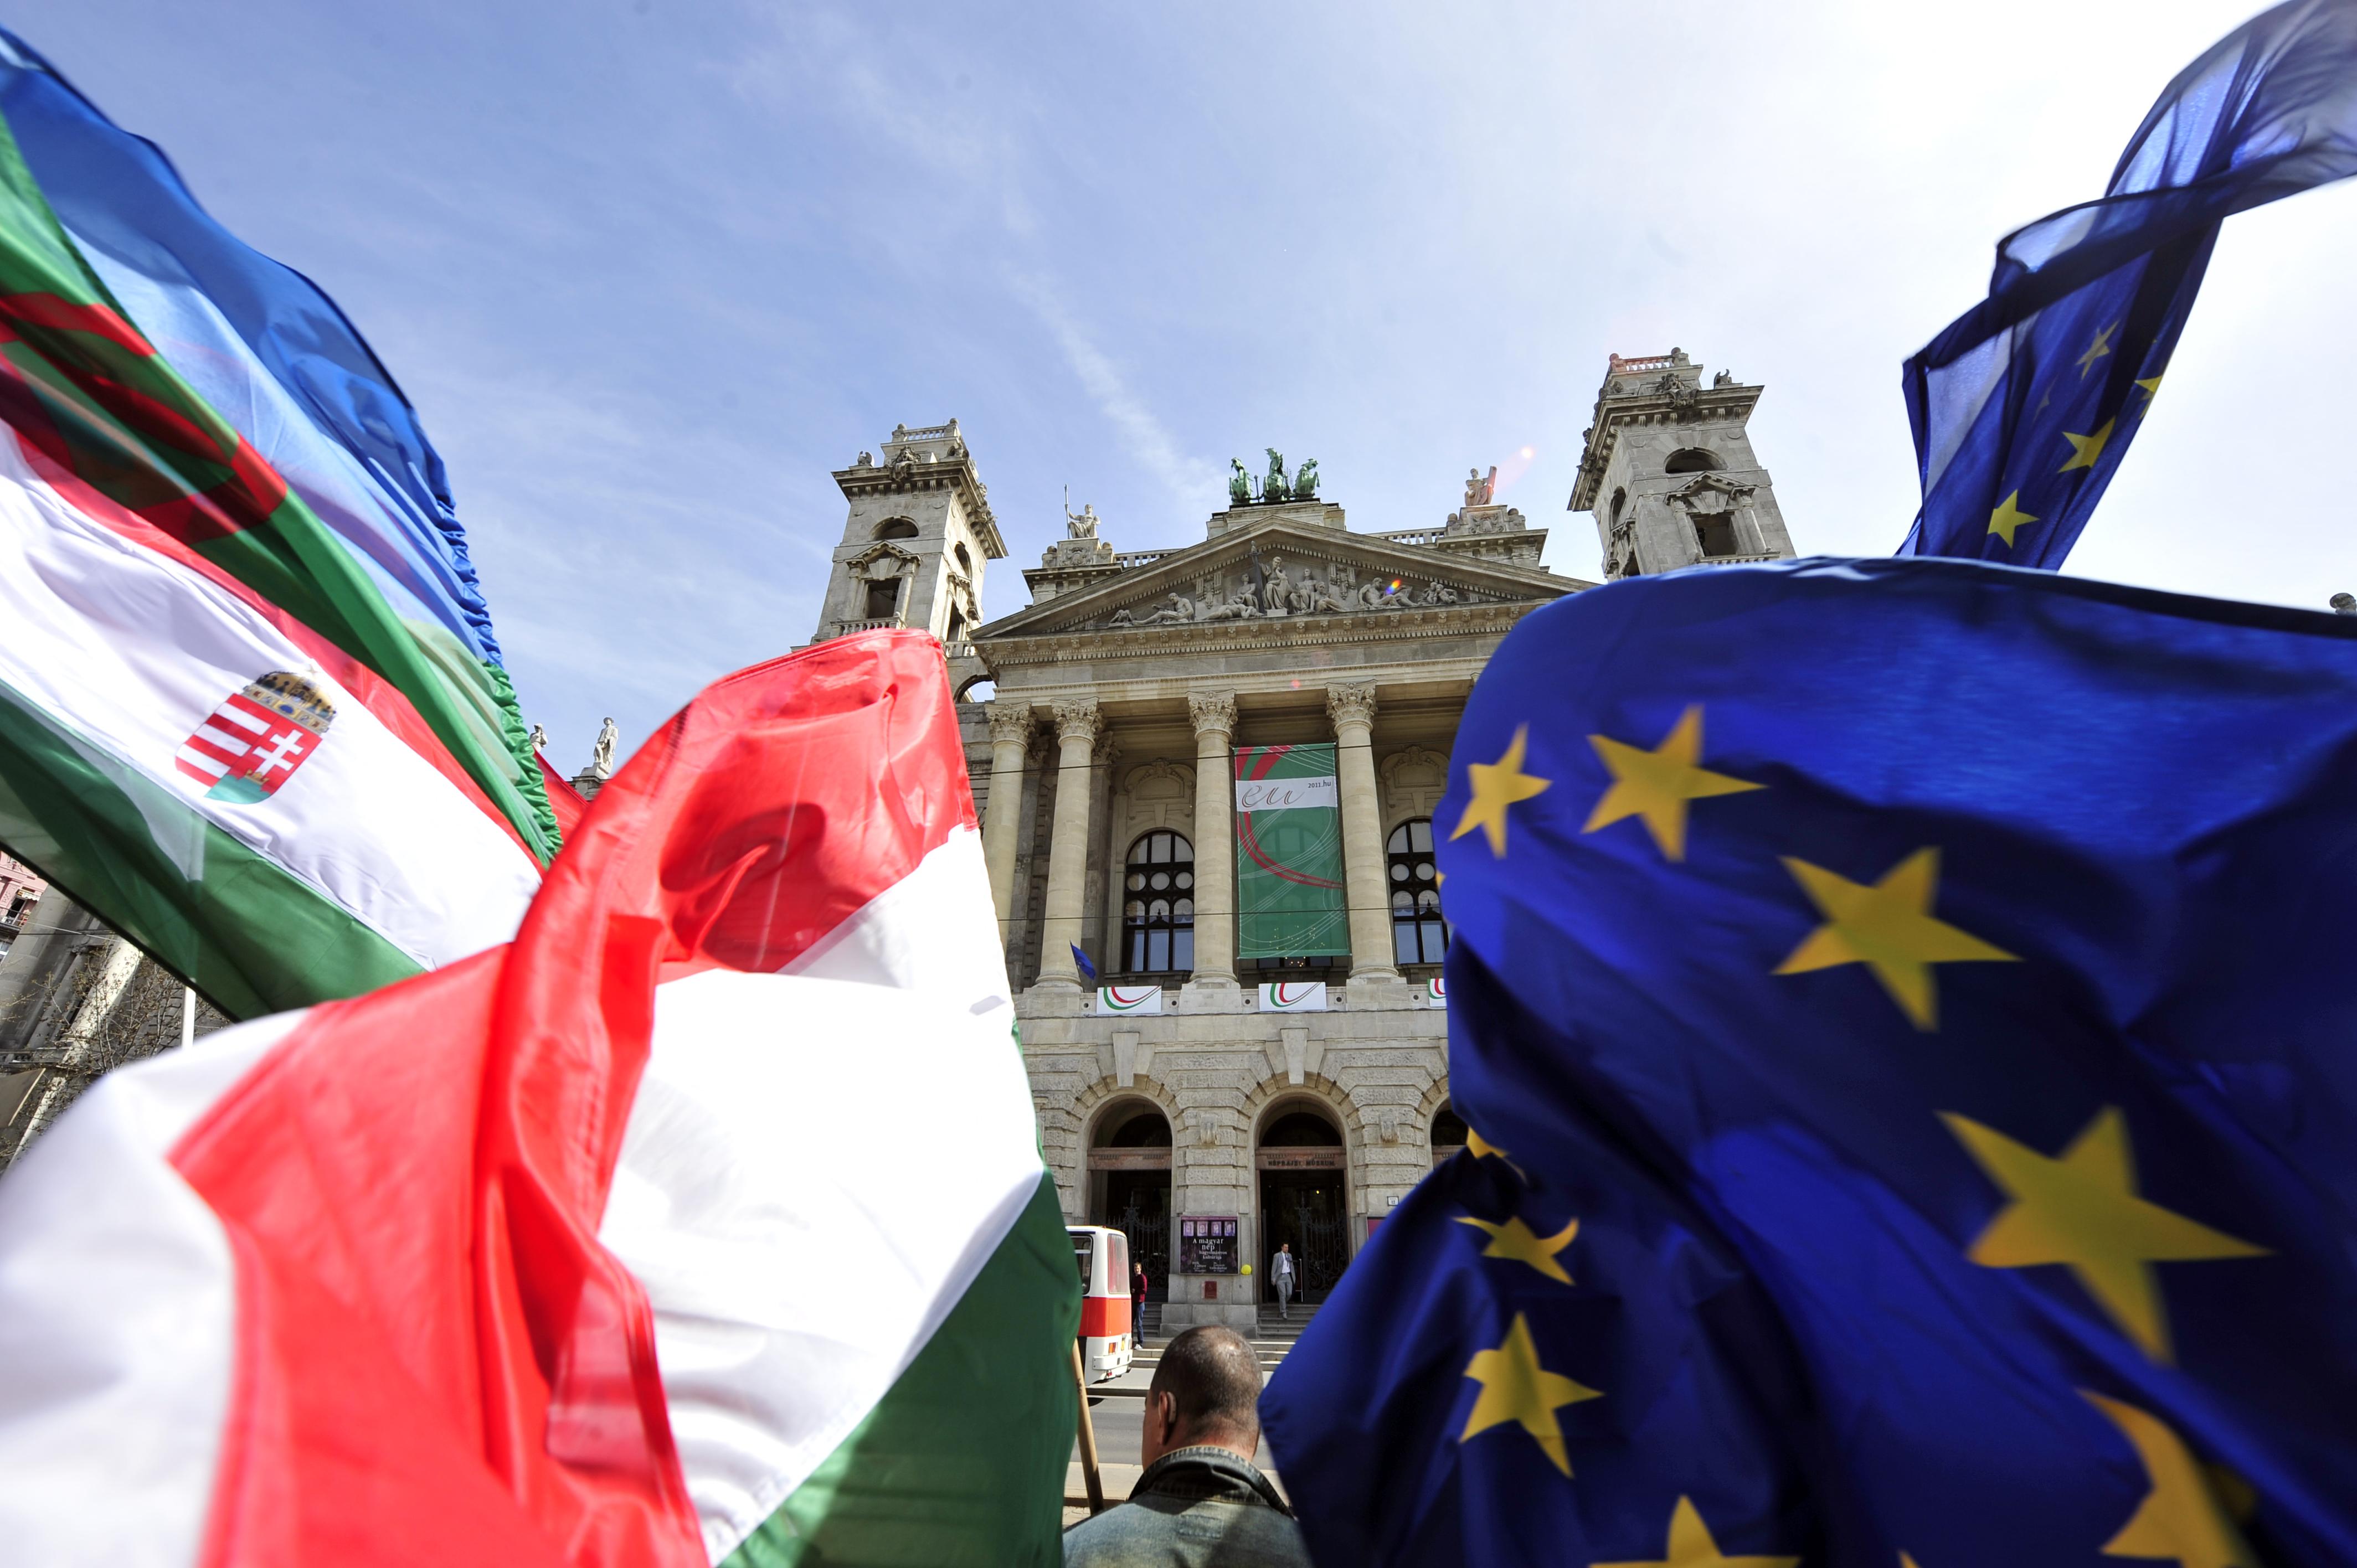 Mire jó az Európai Ügyészség, és miért gyűjtenek egymillió aláírást, hogy Magyarország csatlakozzon hozzá?